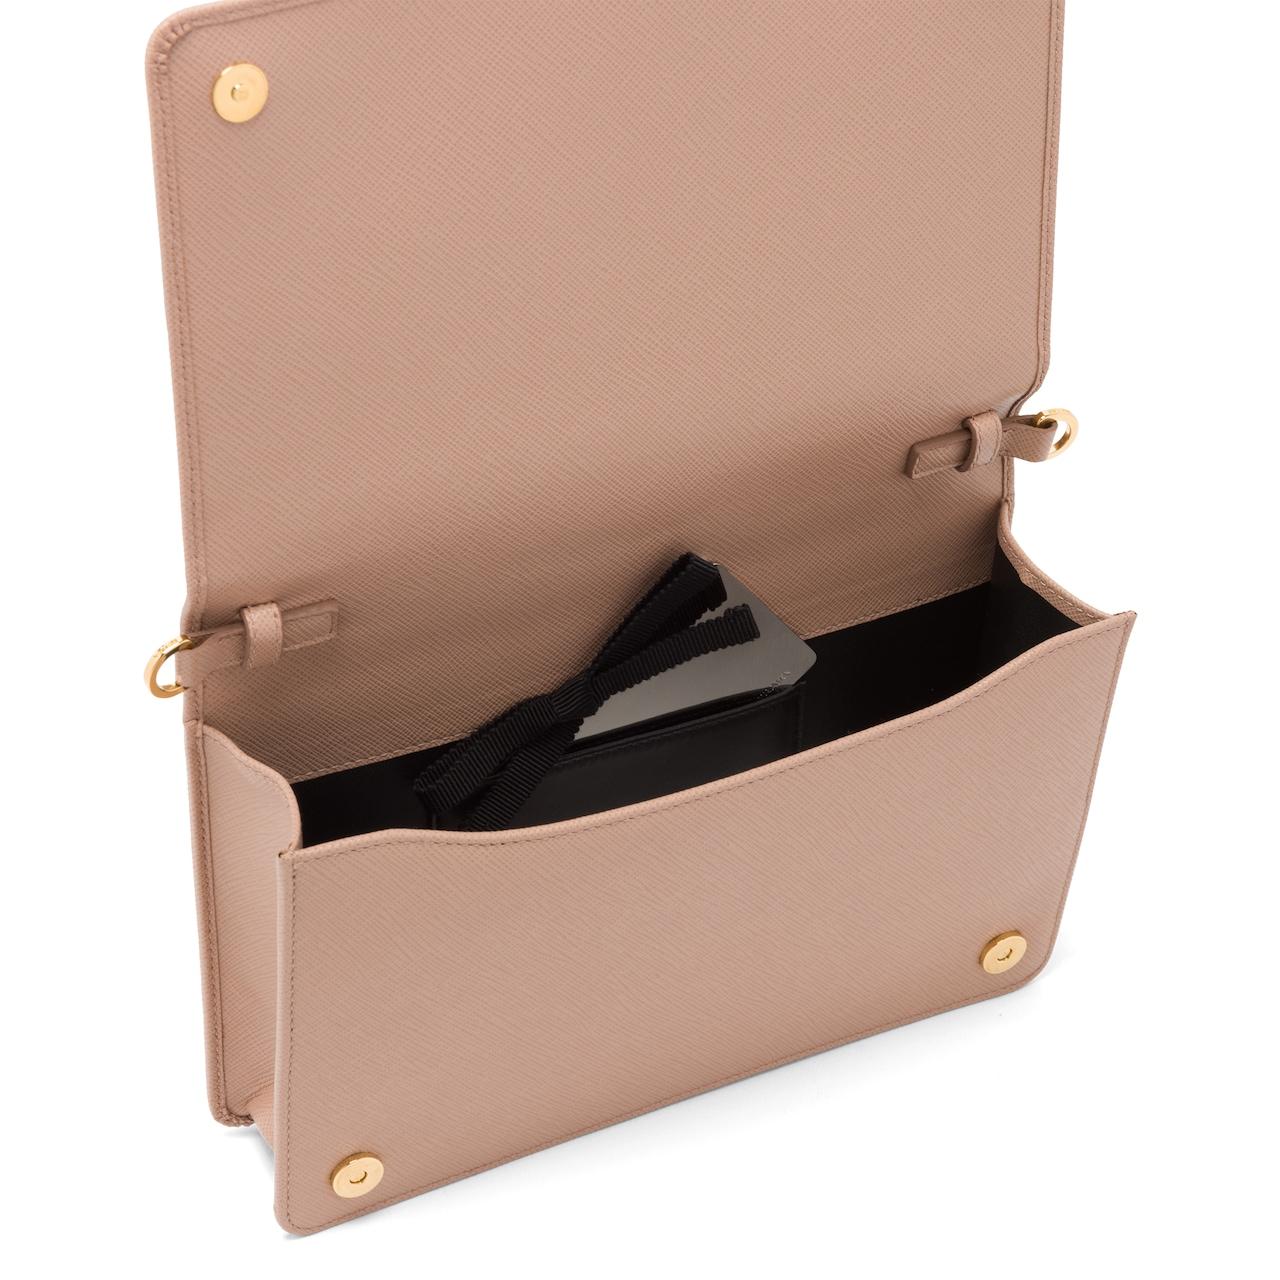 Prada Saffiano leather mini-bag 5